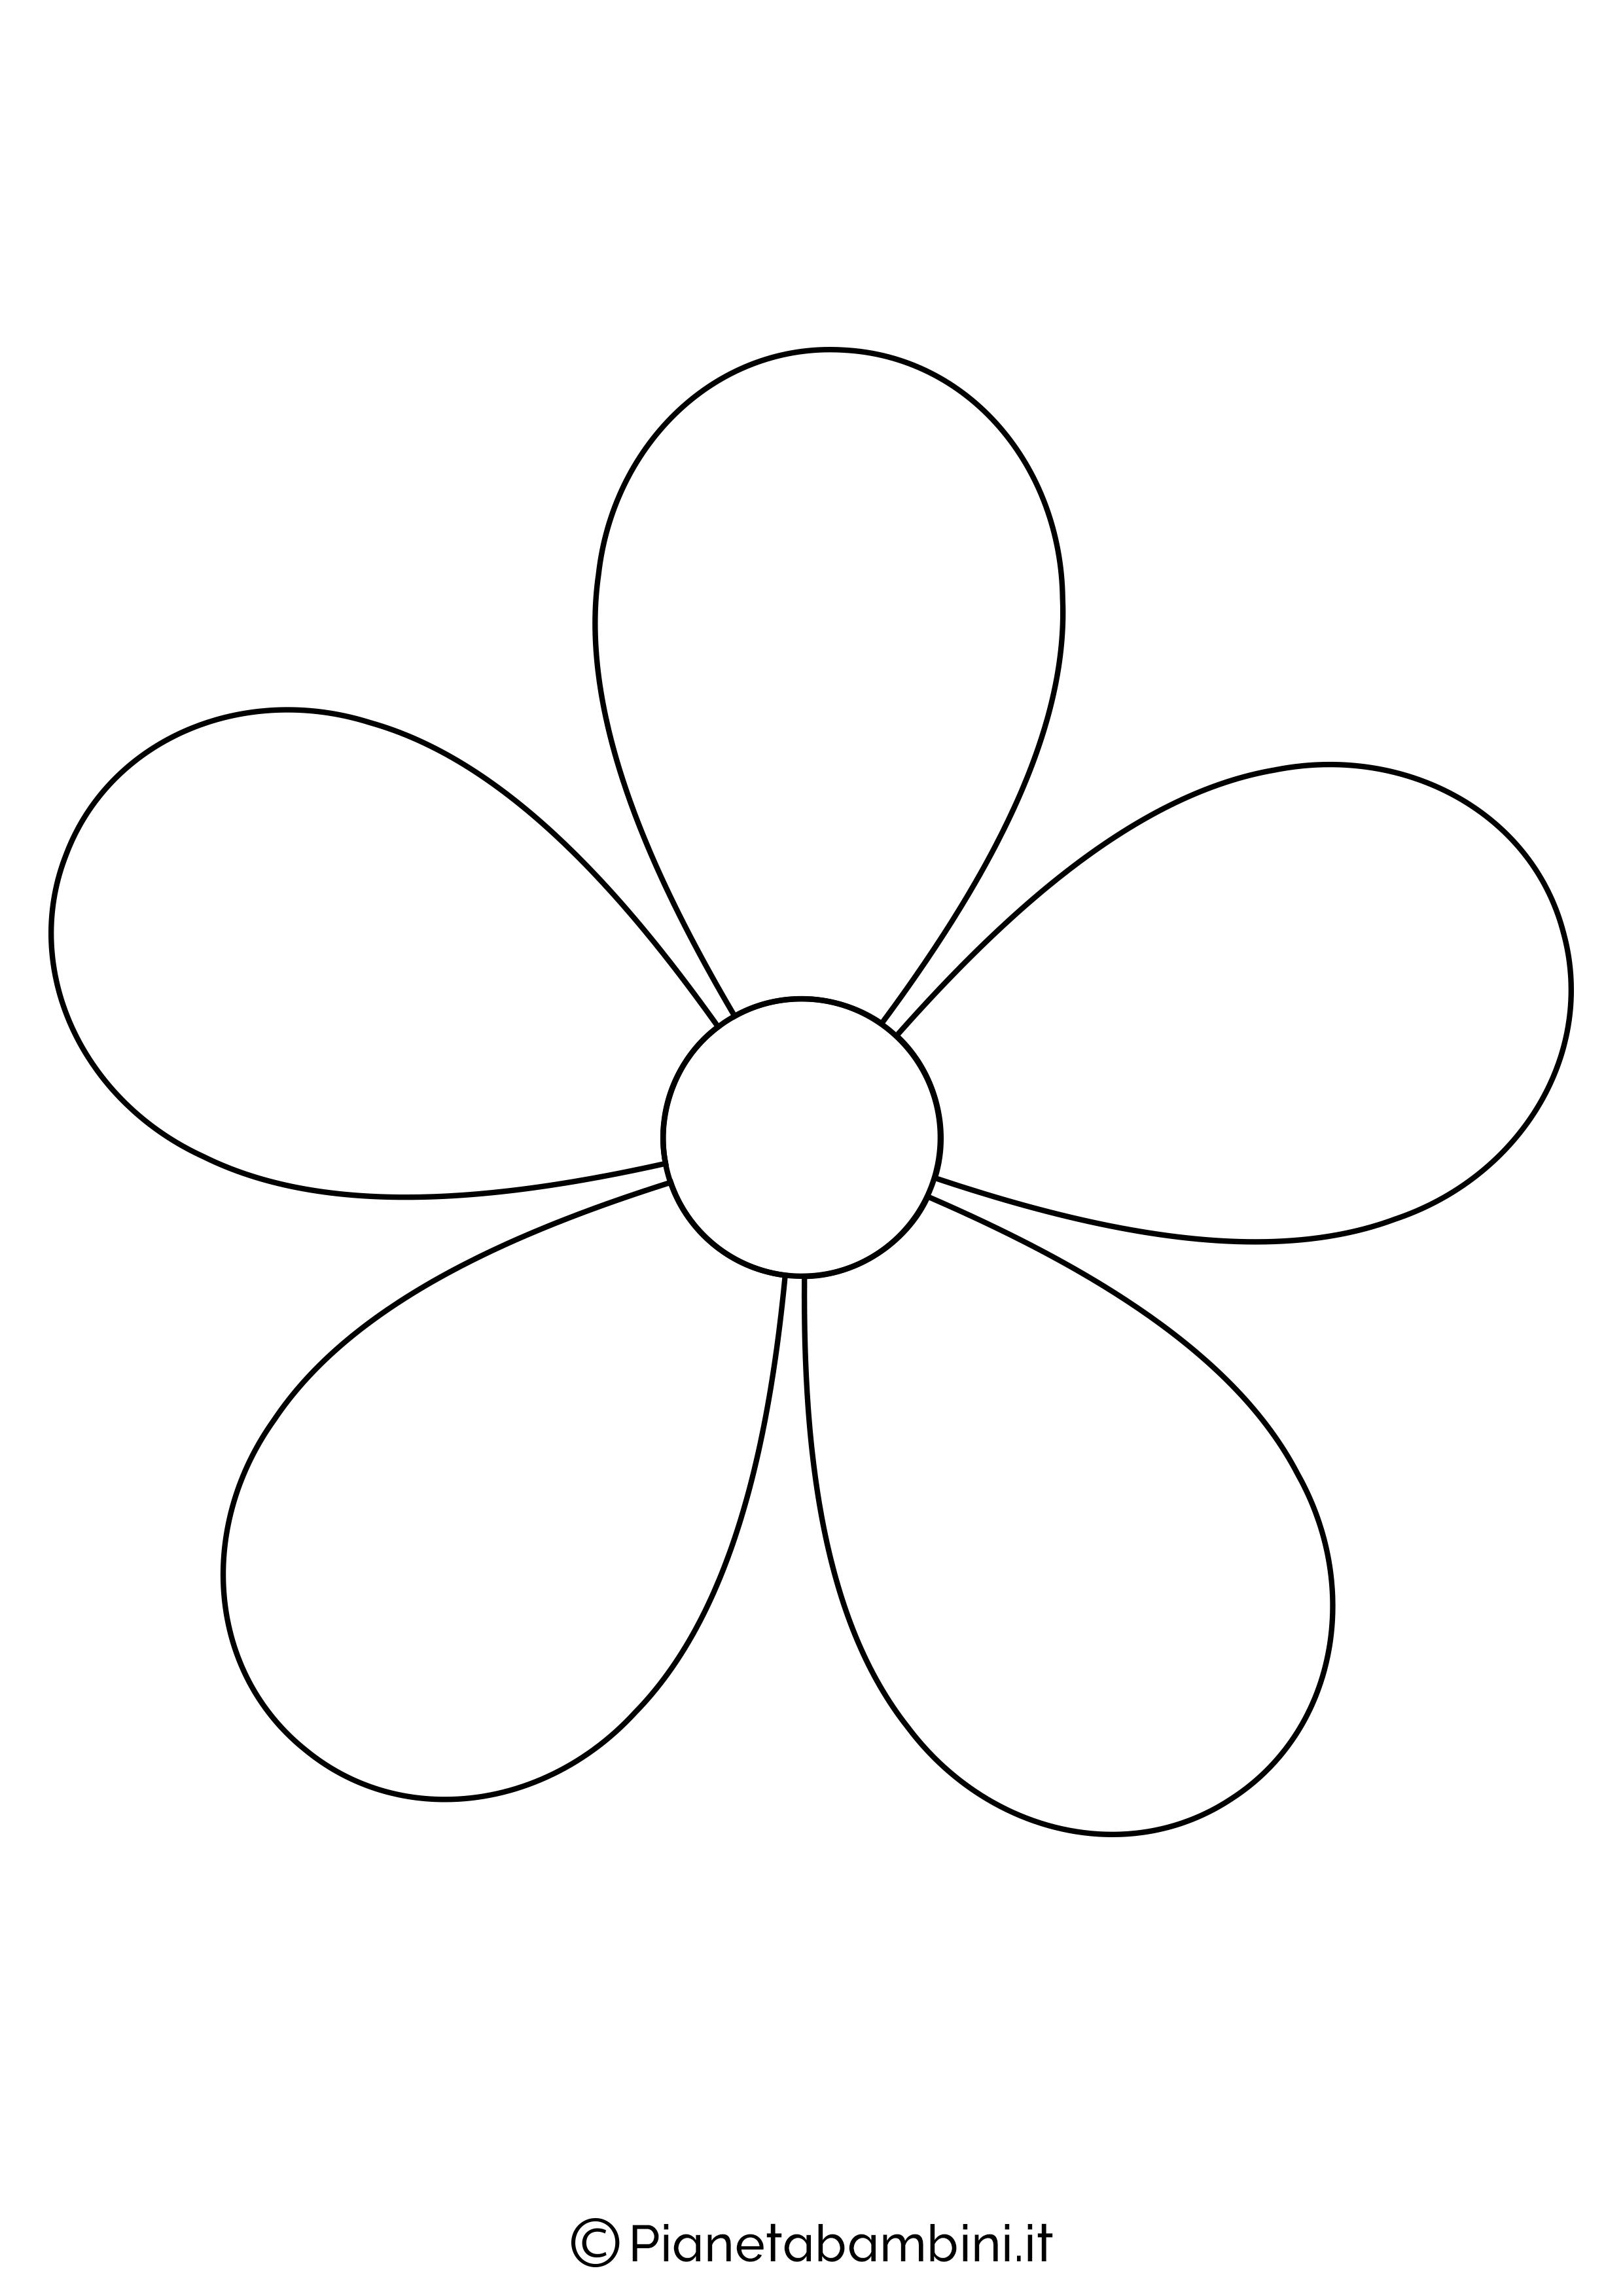 81 sagome di fiori da colorare e ritagliare per bambini for Disegni da colorare con cuori